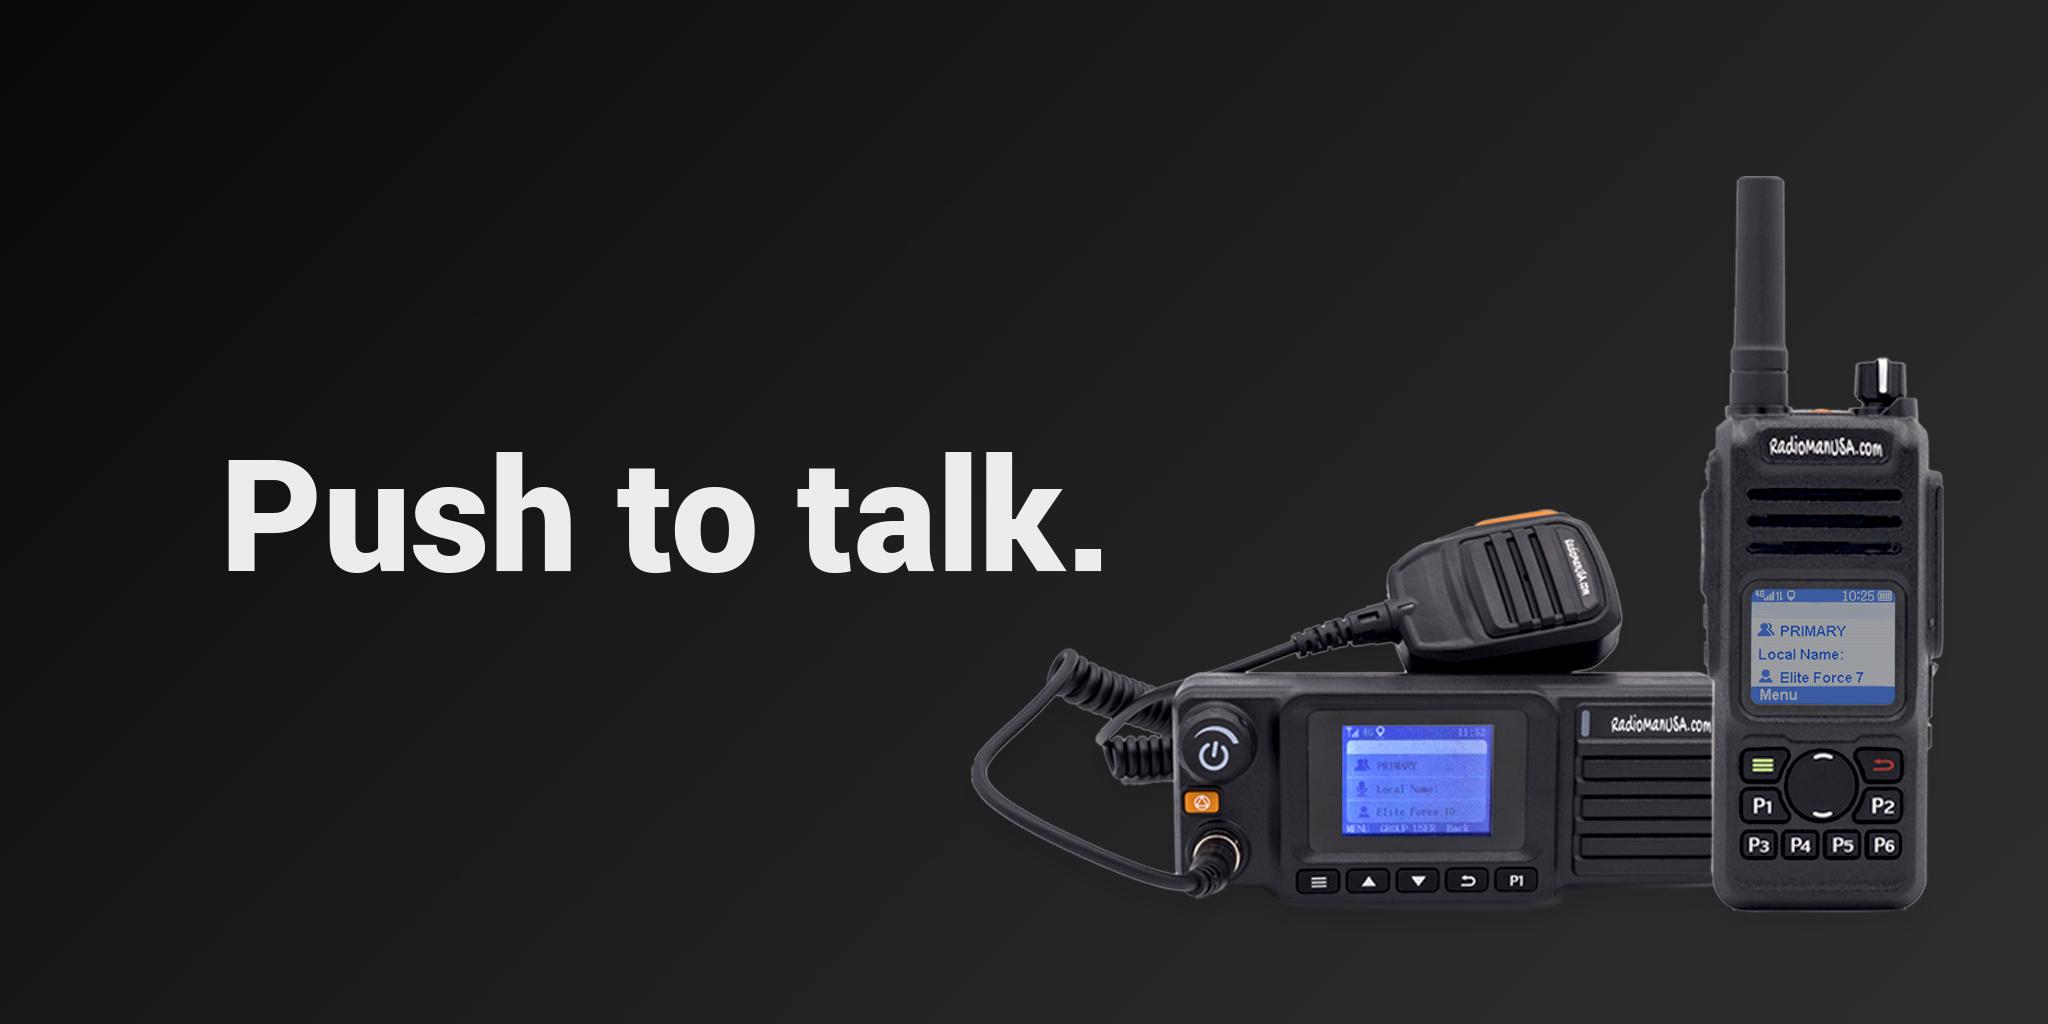 Radios: Push to talk.